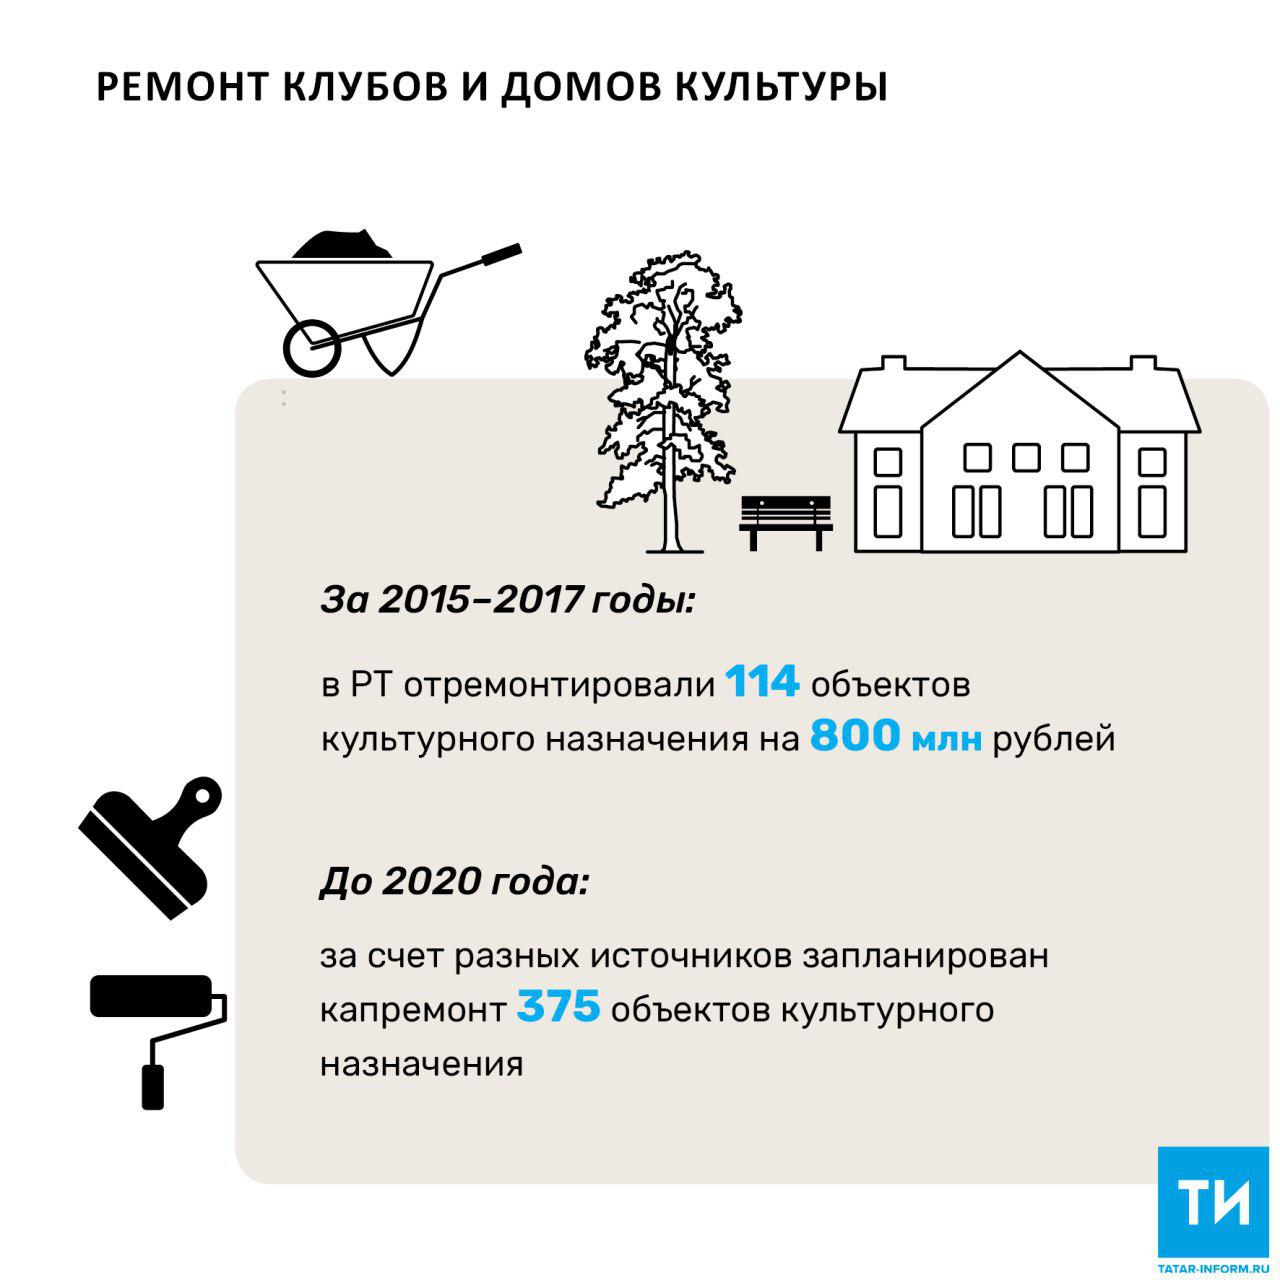 В 2018 году в Татарстане капитально отремонтируют 42 объекта культурного назначения